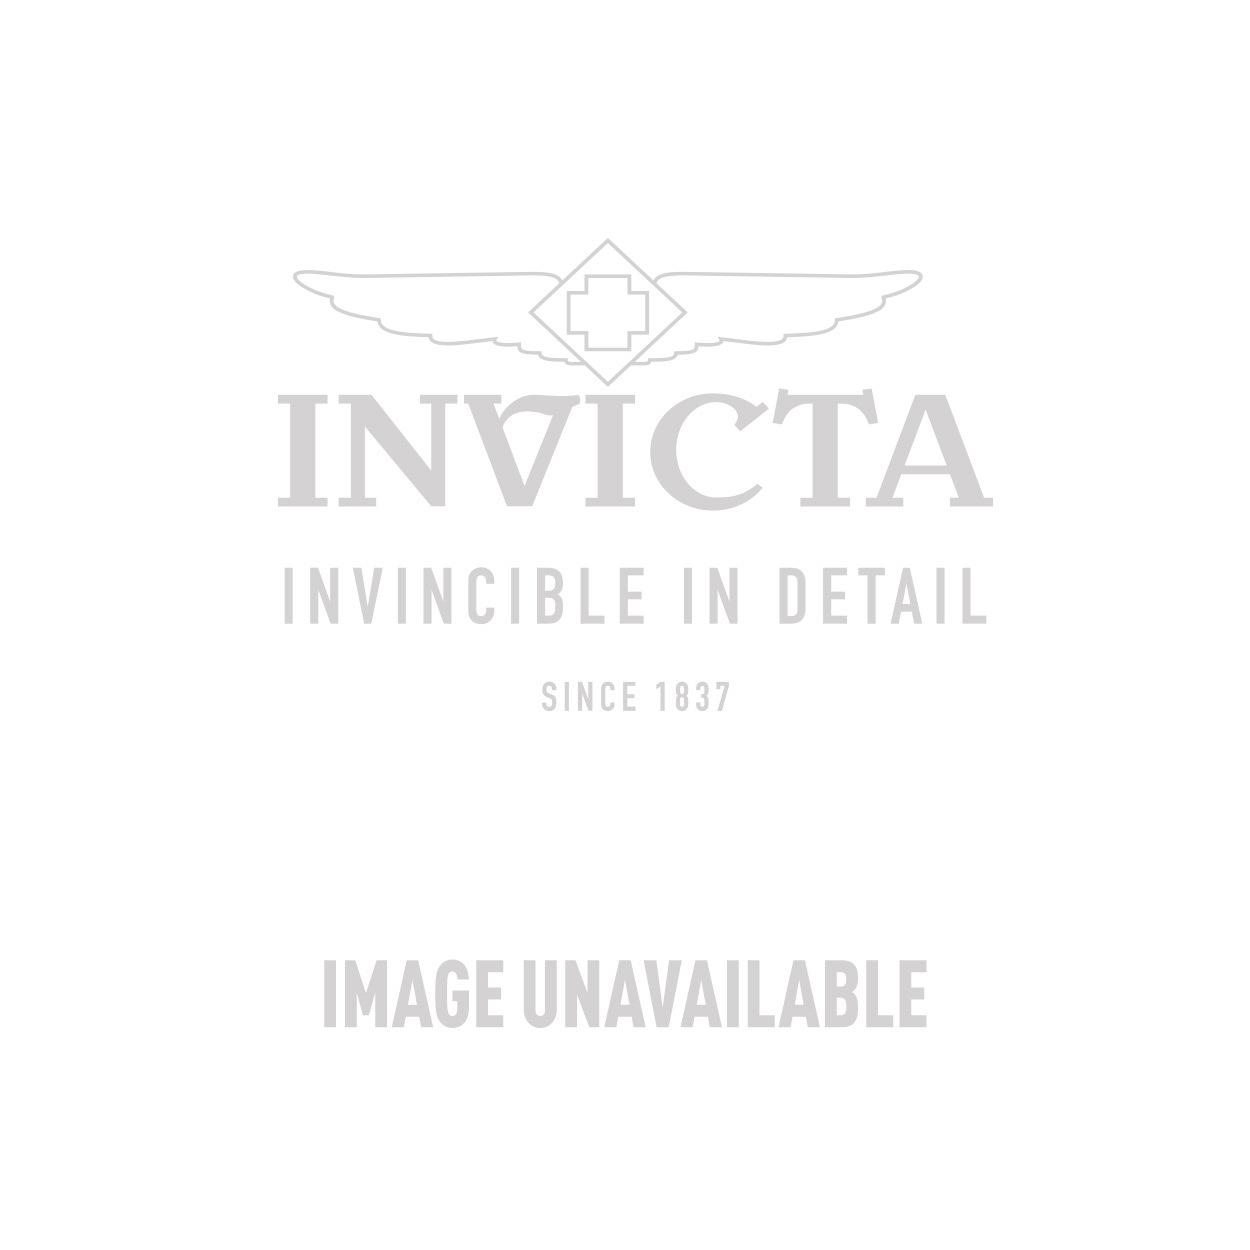 Invicta Model 27600